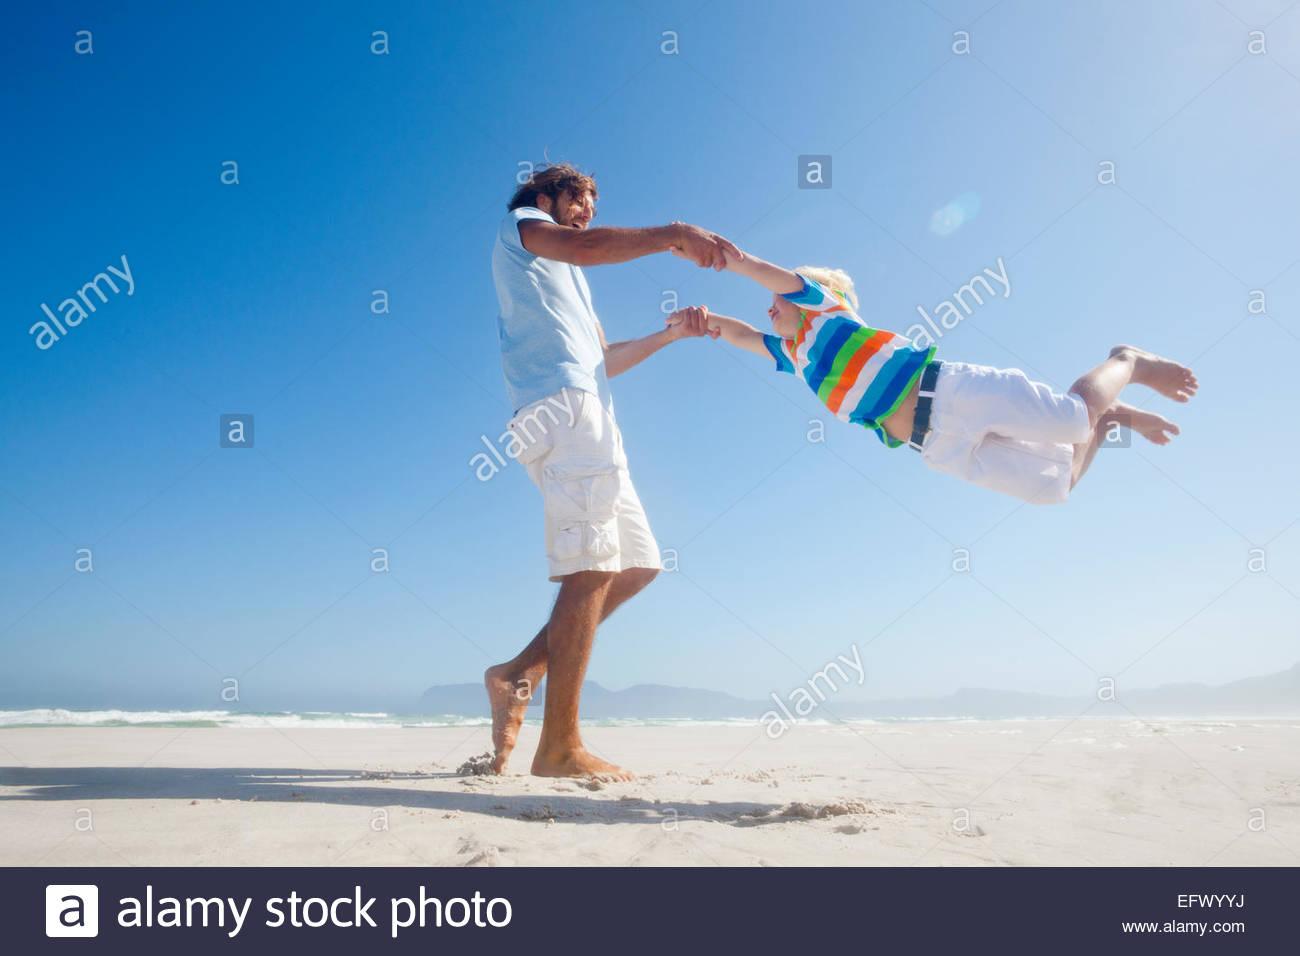 Hijo de padre sonriente oscilando alrededor de alegremente en sunny beach Imagen De Stock